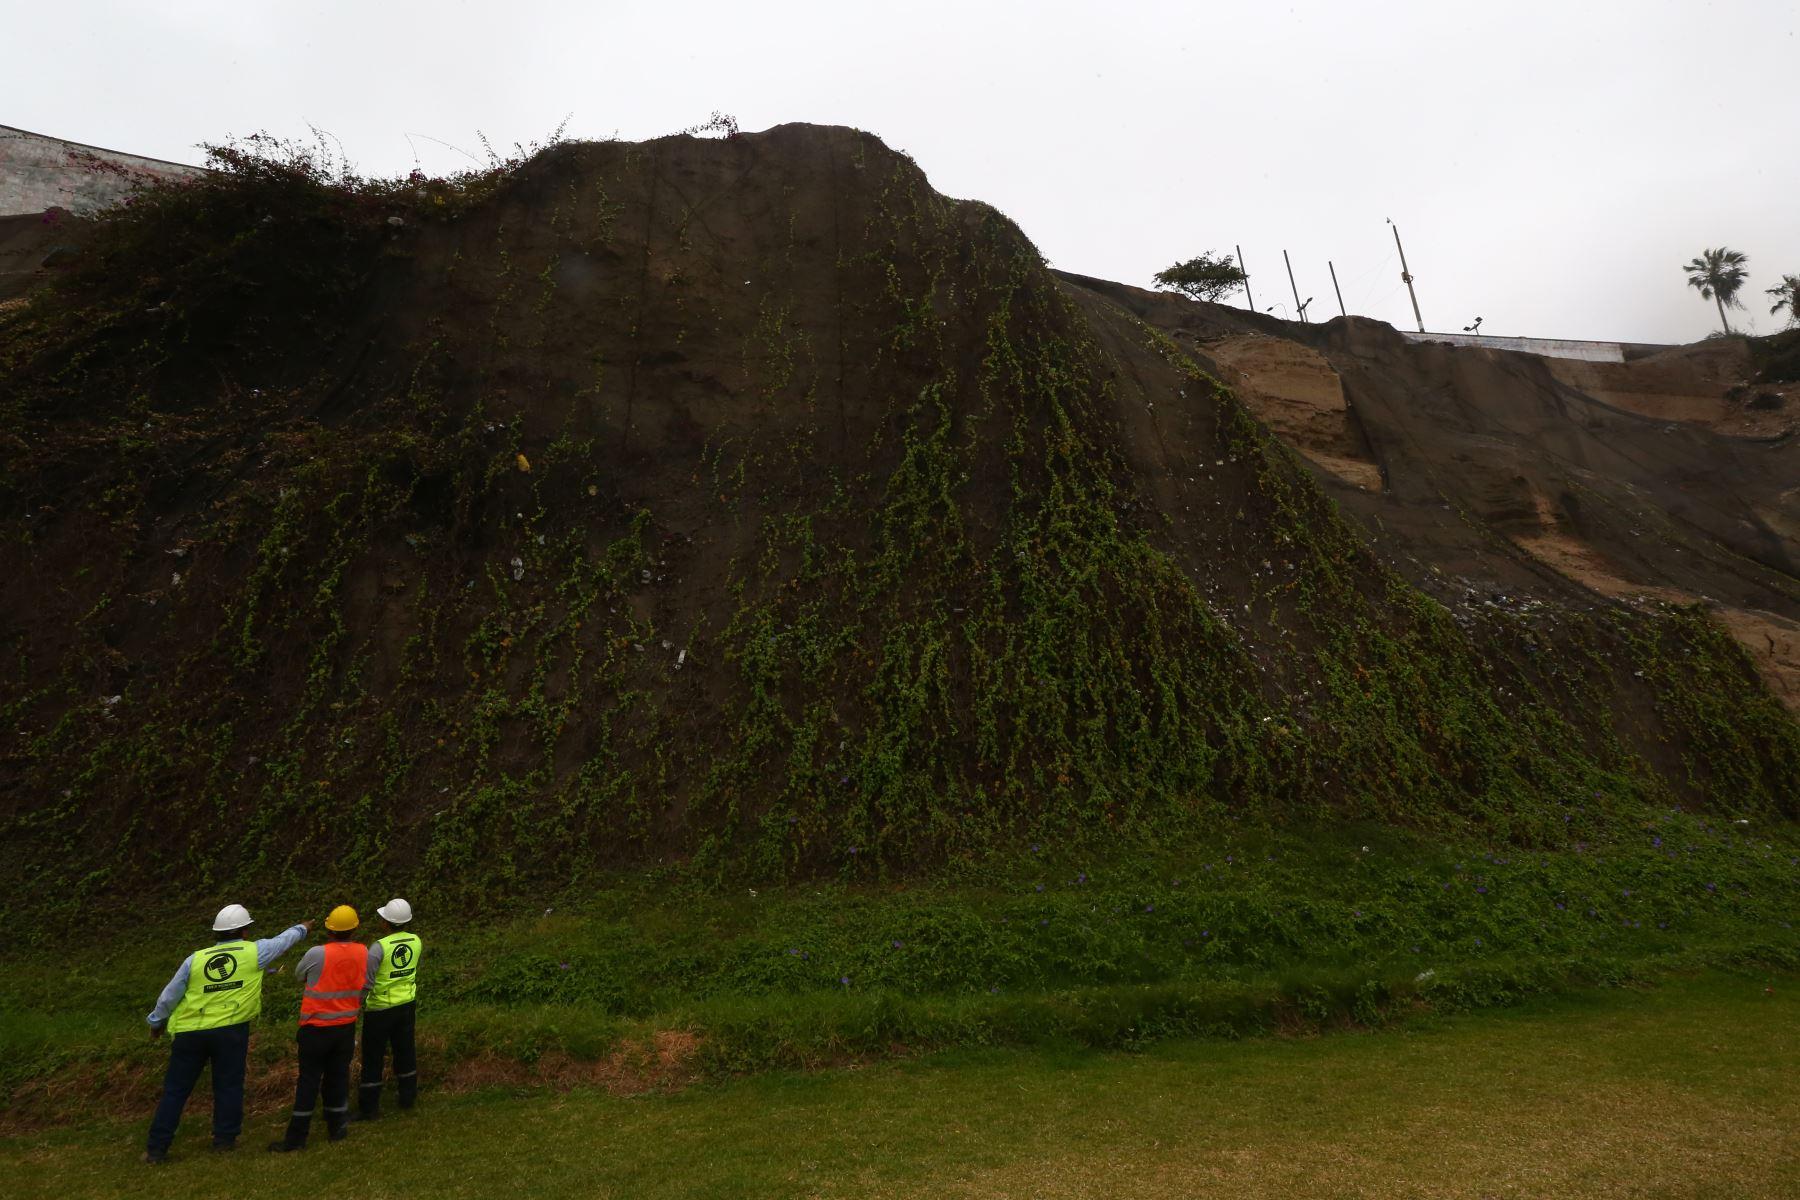 Las primeras acciones serán el retiro y mantenimiento de geomallas dañadas. Foto: ANDINA/Melina Mejía